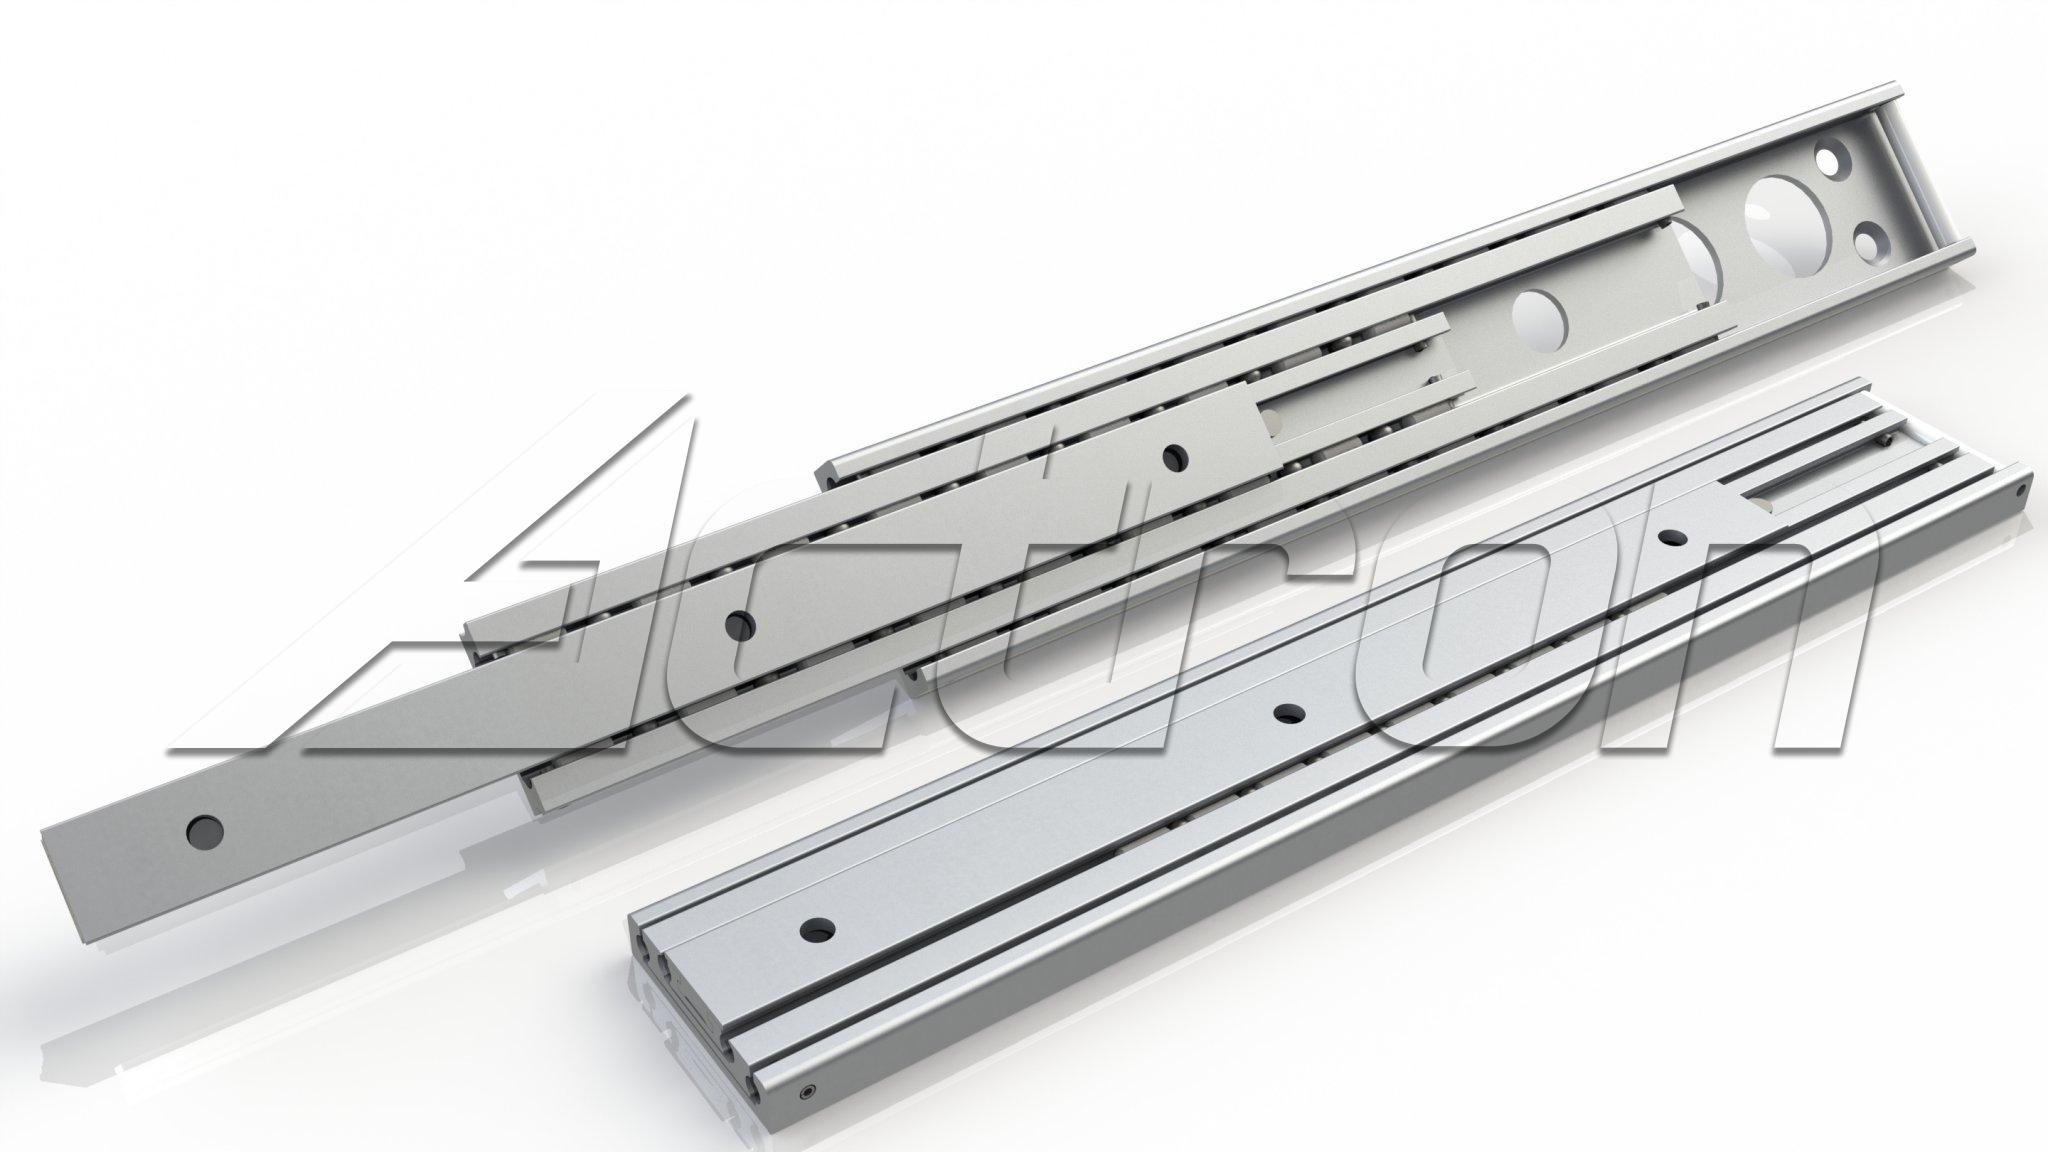 slide-assy-8211-aluminum-38-8243-x-1-58-8243-4936-a5210.jpg